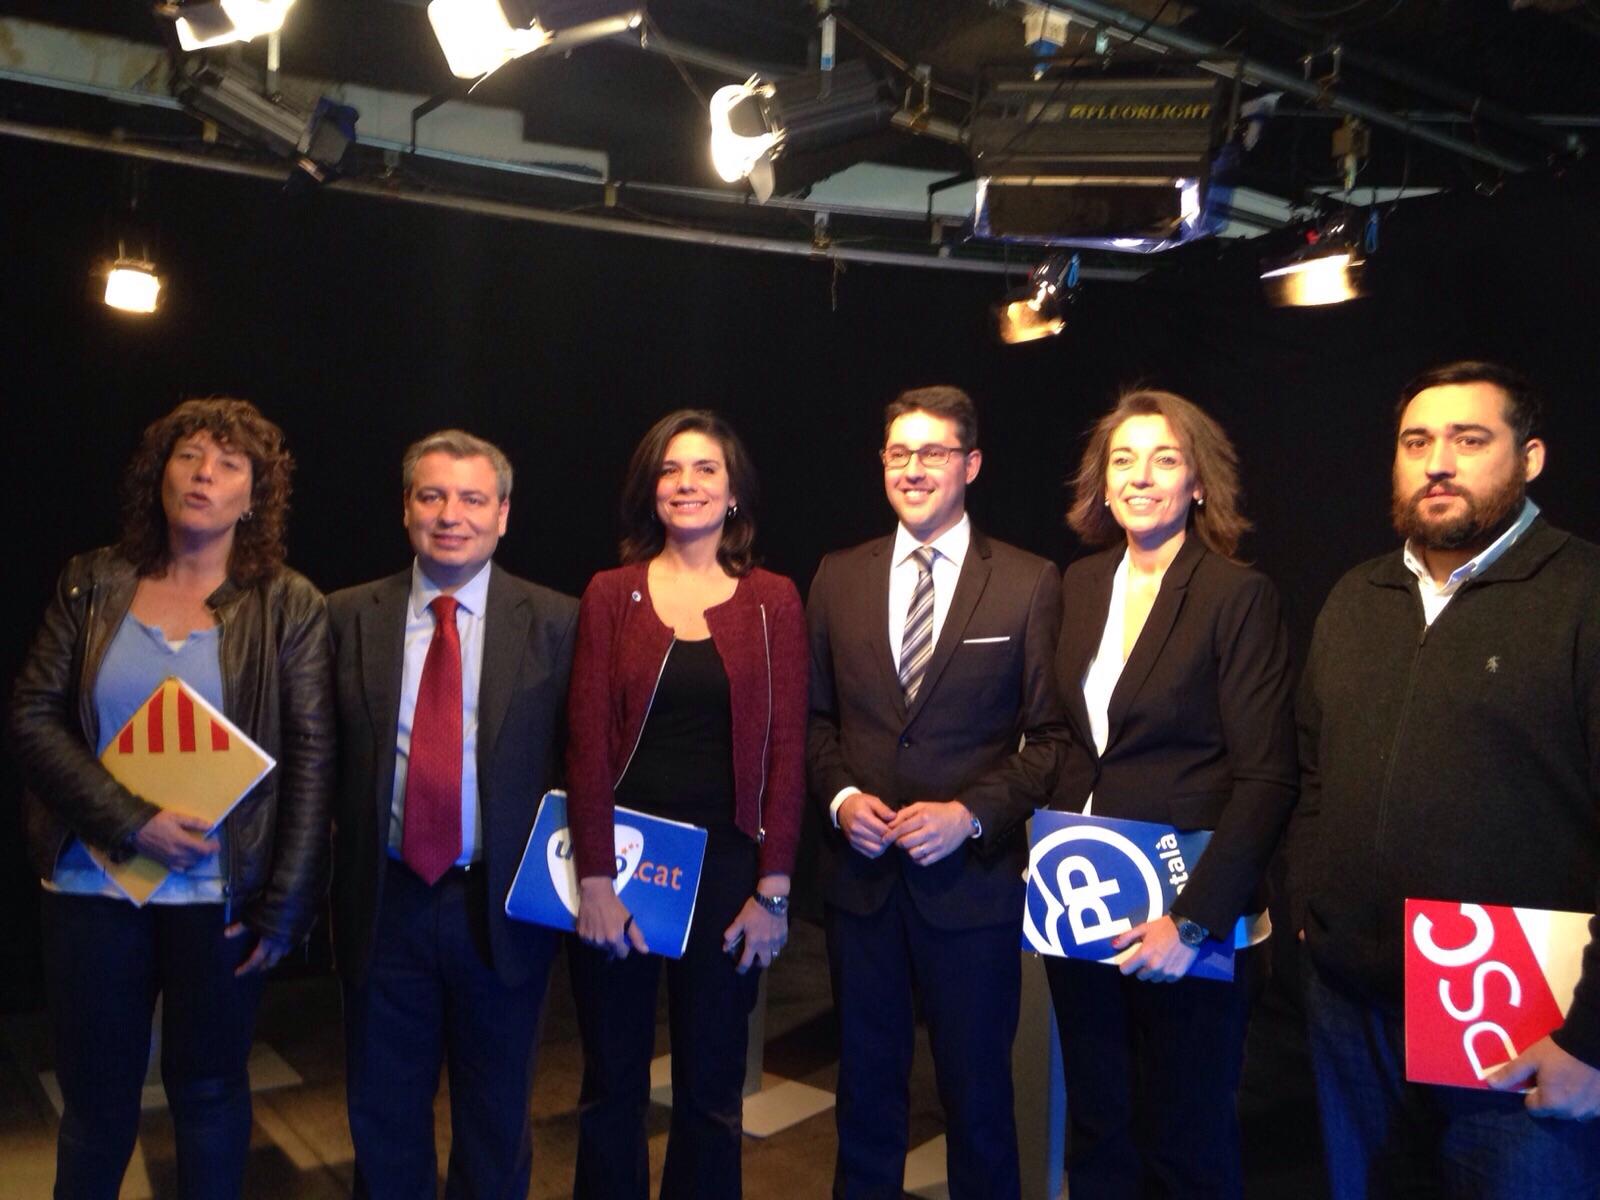 Debat electoral amb els candidats al Congrés per Girona (Desembre 2015)